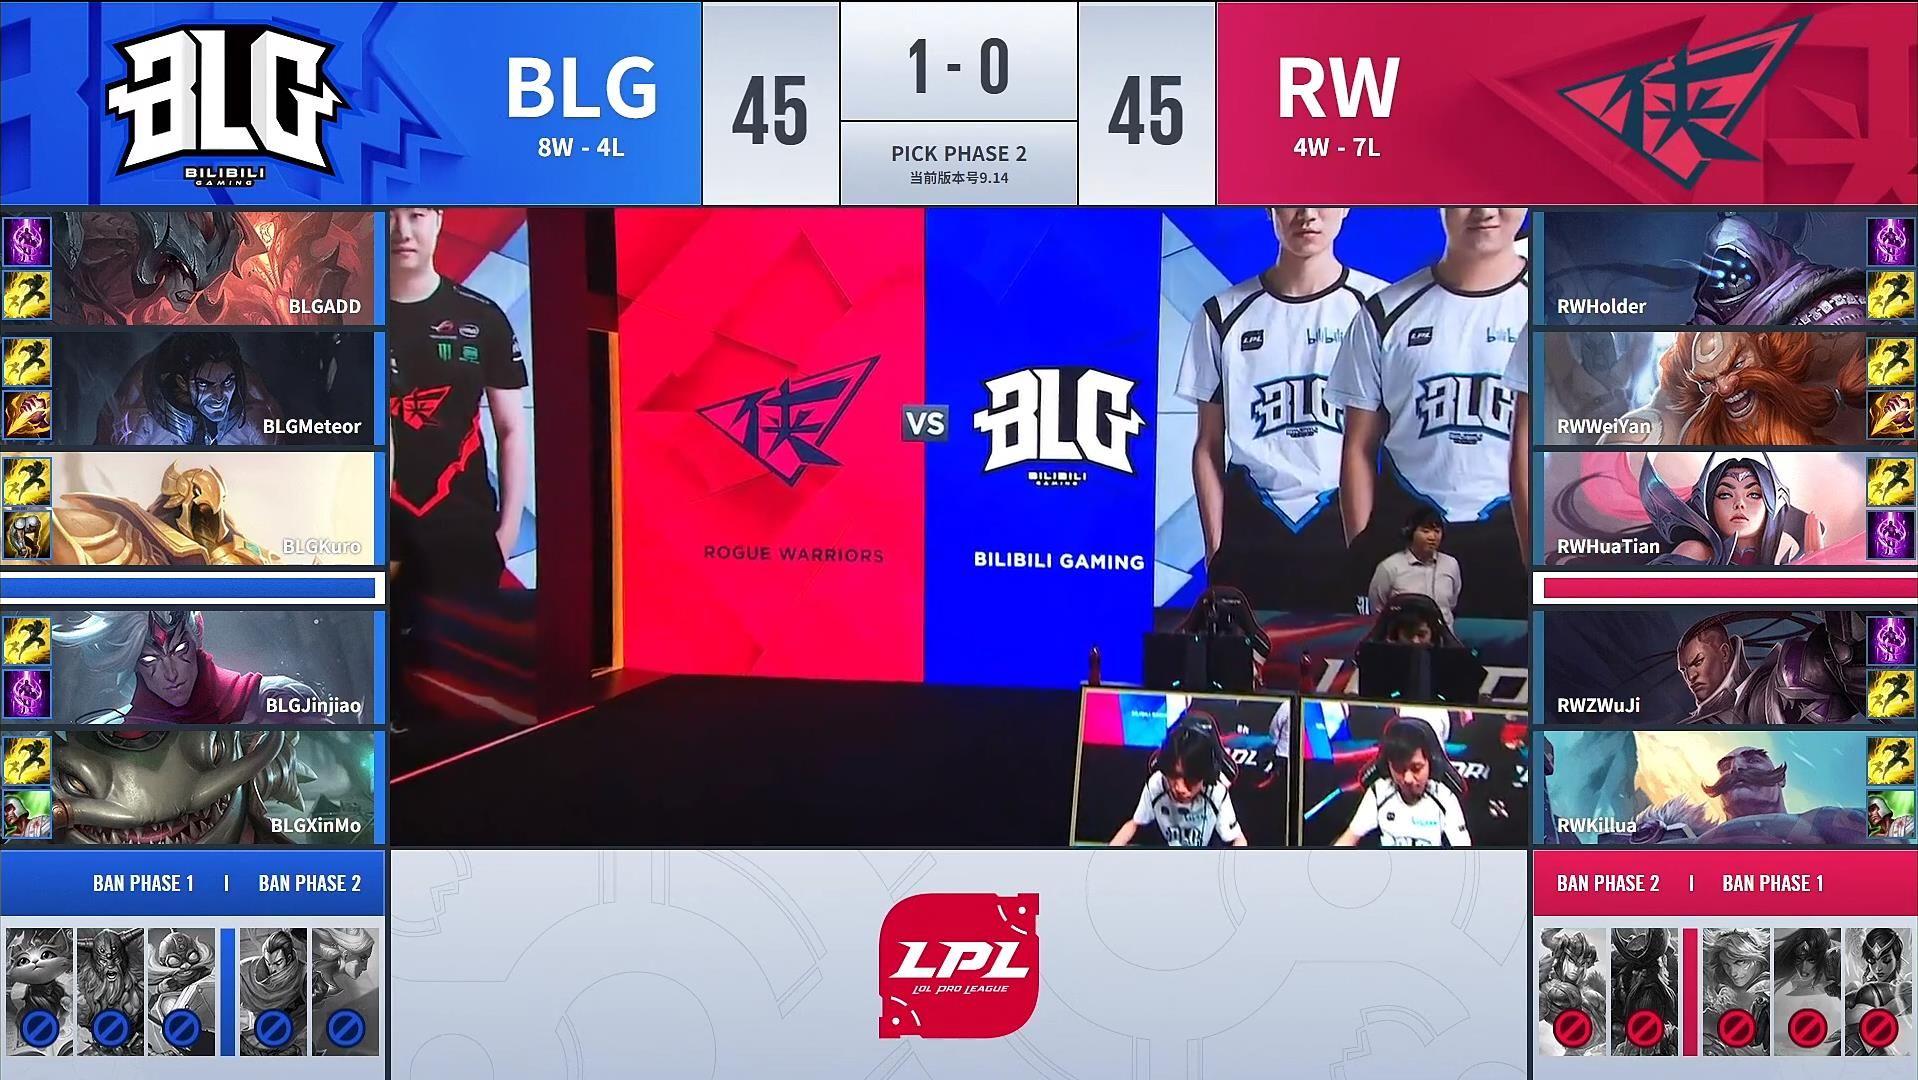 【战报】塞拉斯无敌发挥,BLG碾压RW挺进季后赛